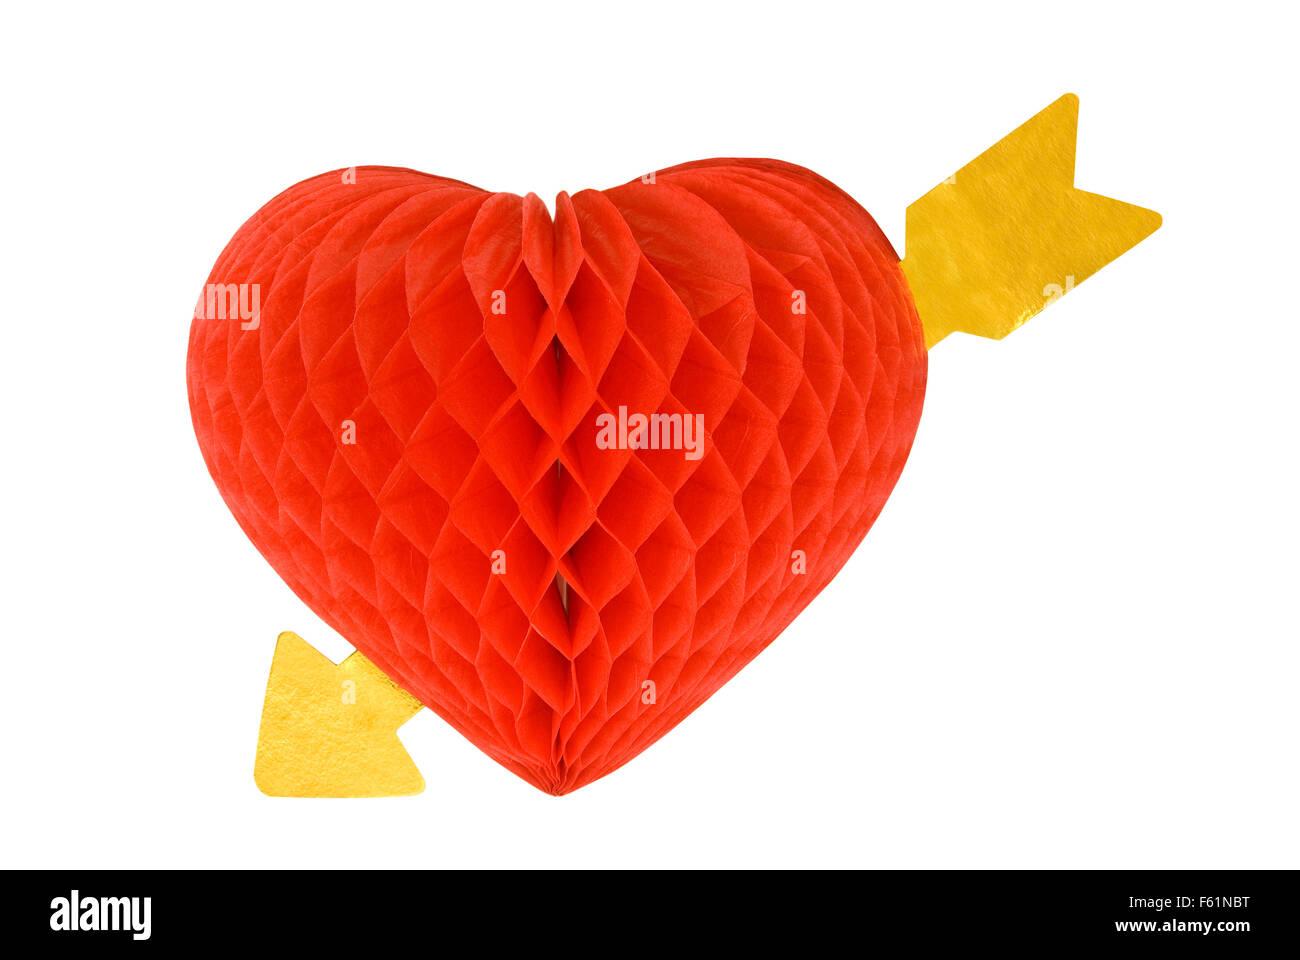 Saint Valentin coeur rouge décoration avec flèche d'or à travers elle Photo Stock